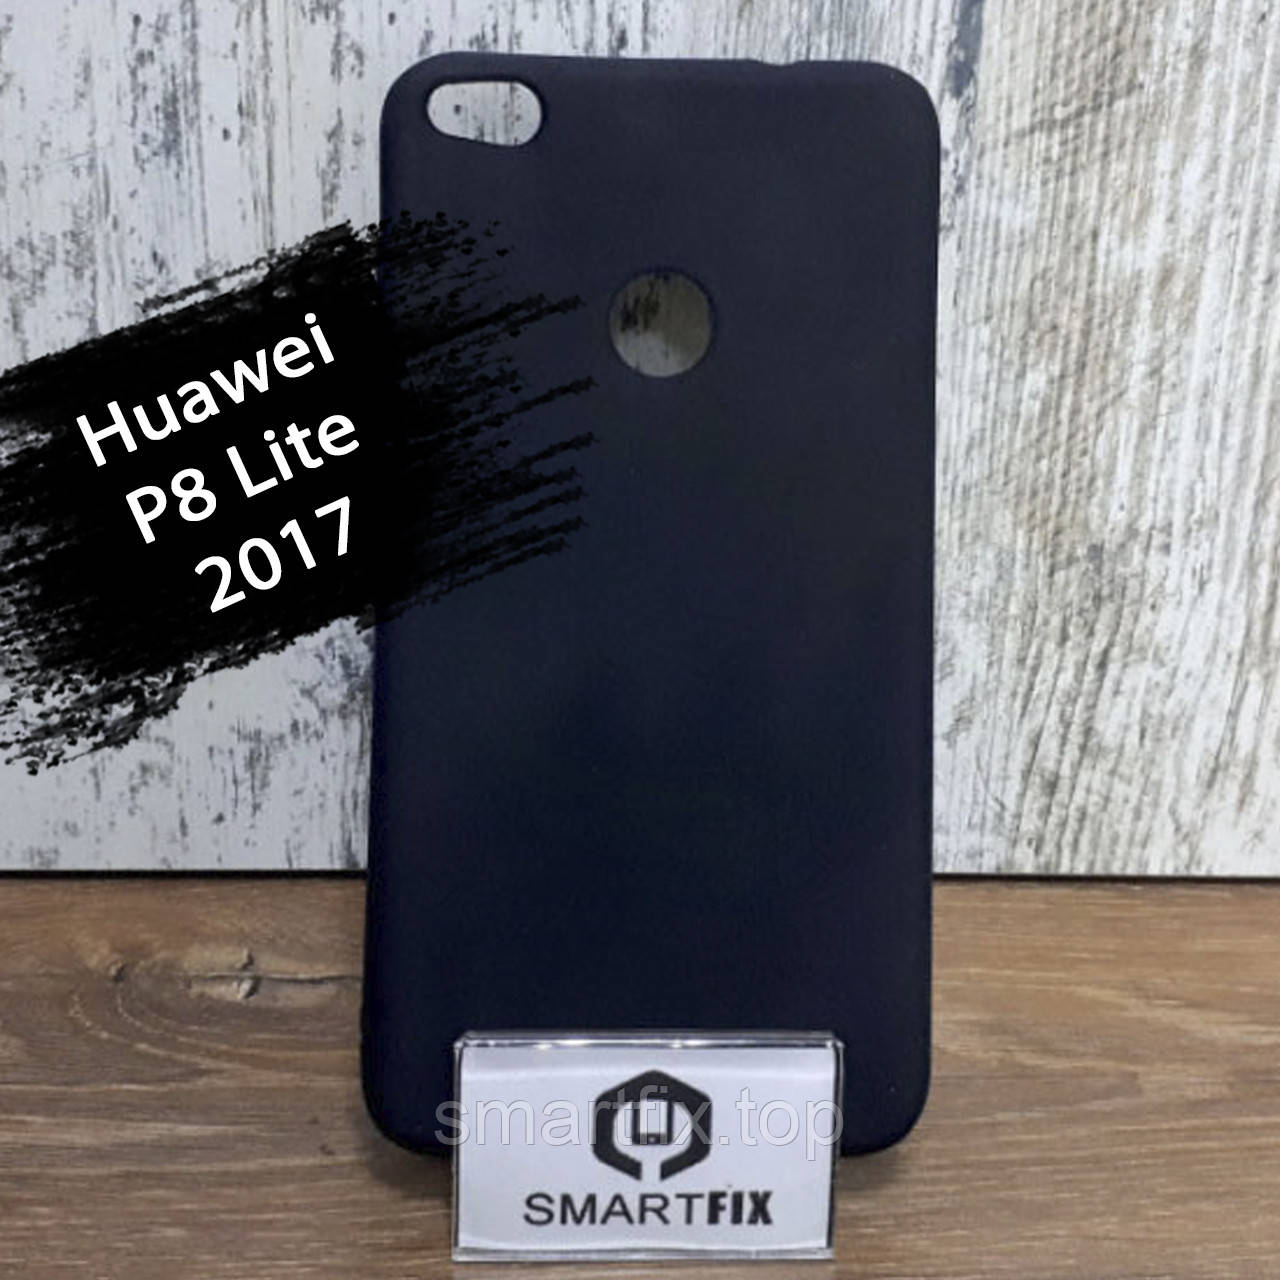 Силіконовий чохол з малюнком для Huawei P8 Lite 2017